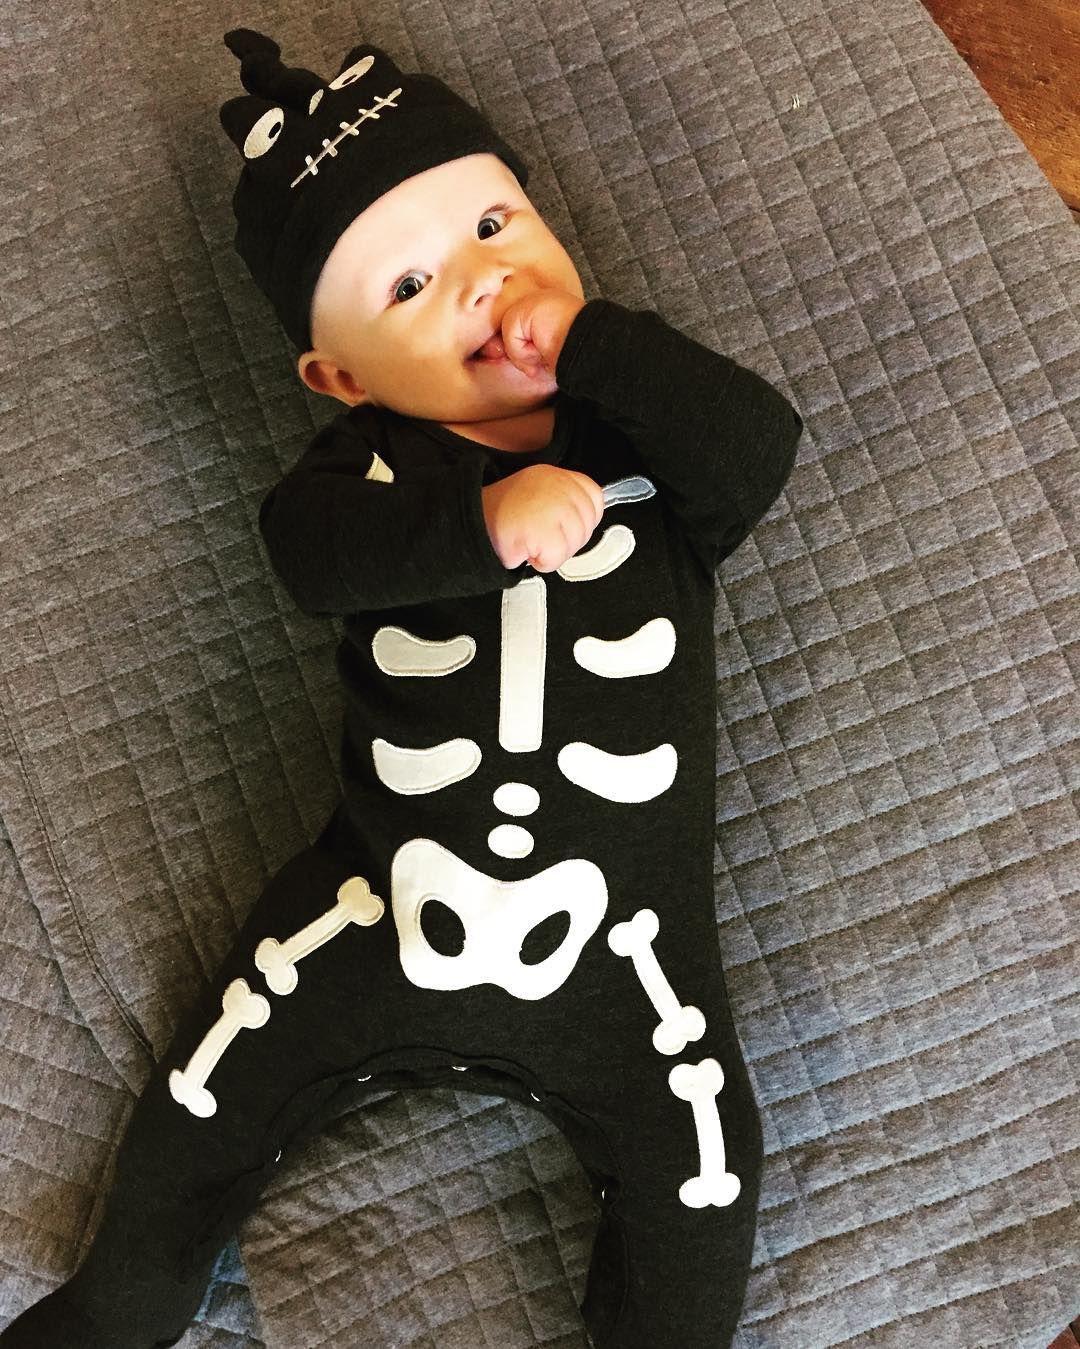 25 Ideas De Disfraces Para Que Tu Bebé Luzca Terriblemente Encantador En Halloween Disfraz Bebe Disfraces Disfraces Halloween Bebes